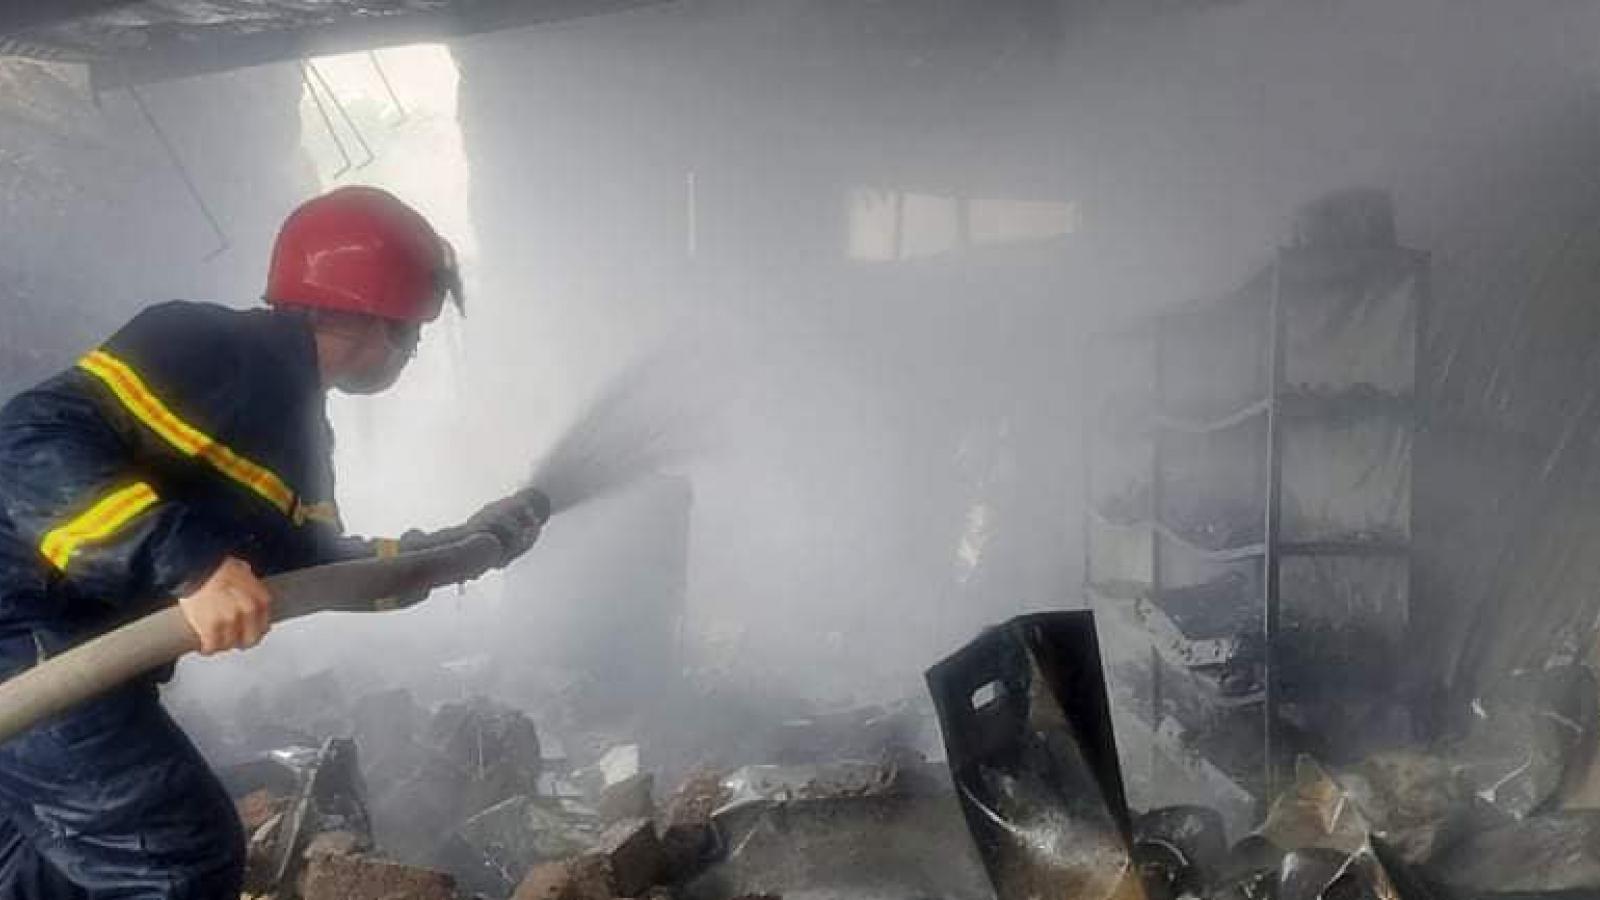 Cửa hàng kinh doanh gas bất ngờ bốc cháy dữ dội